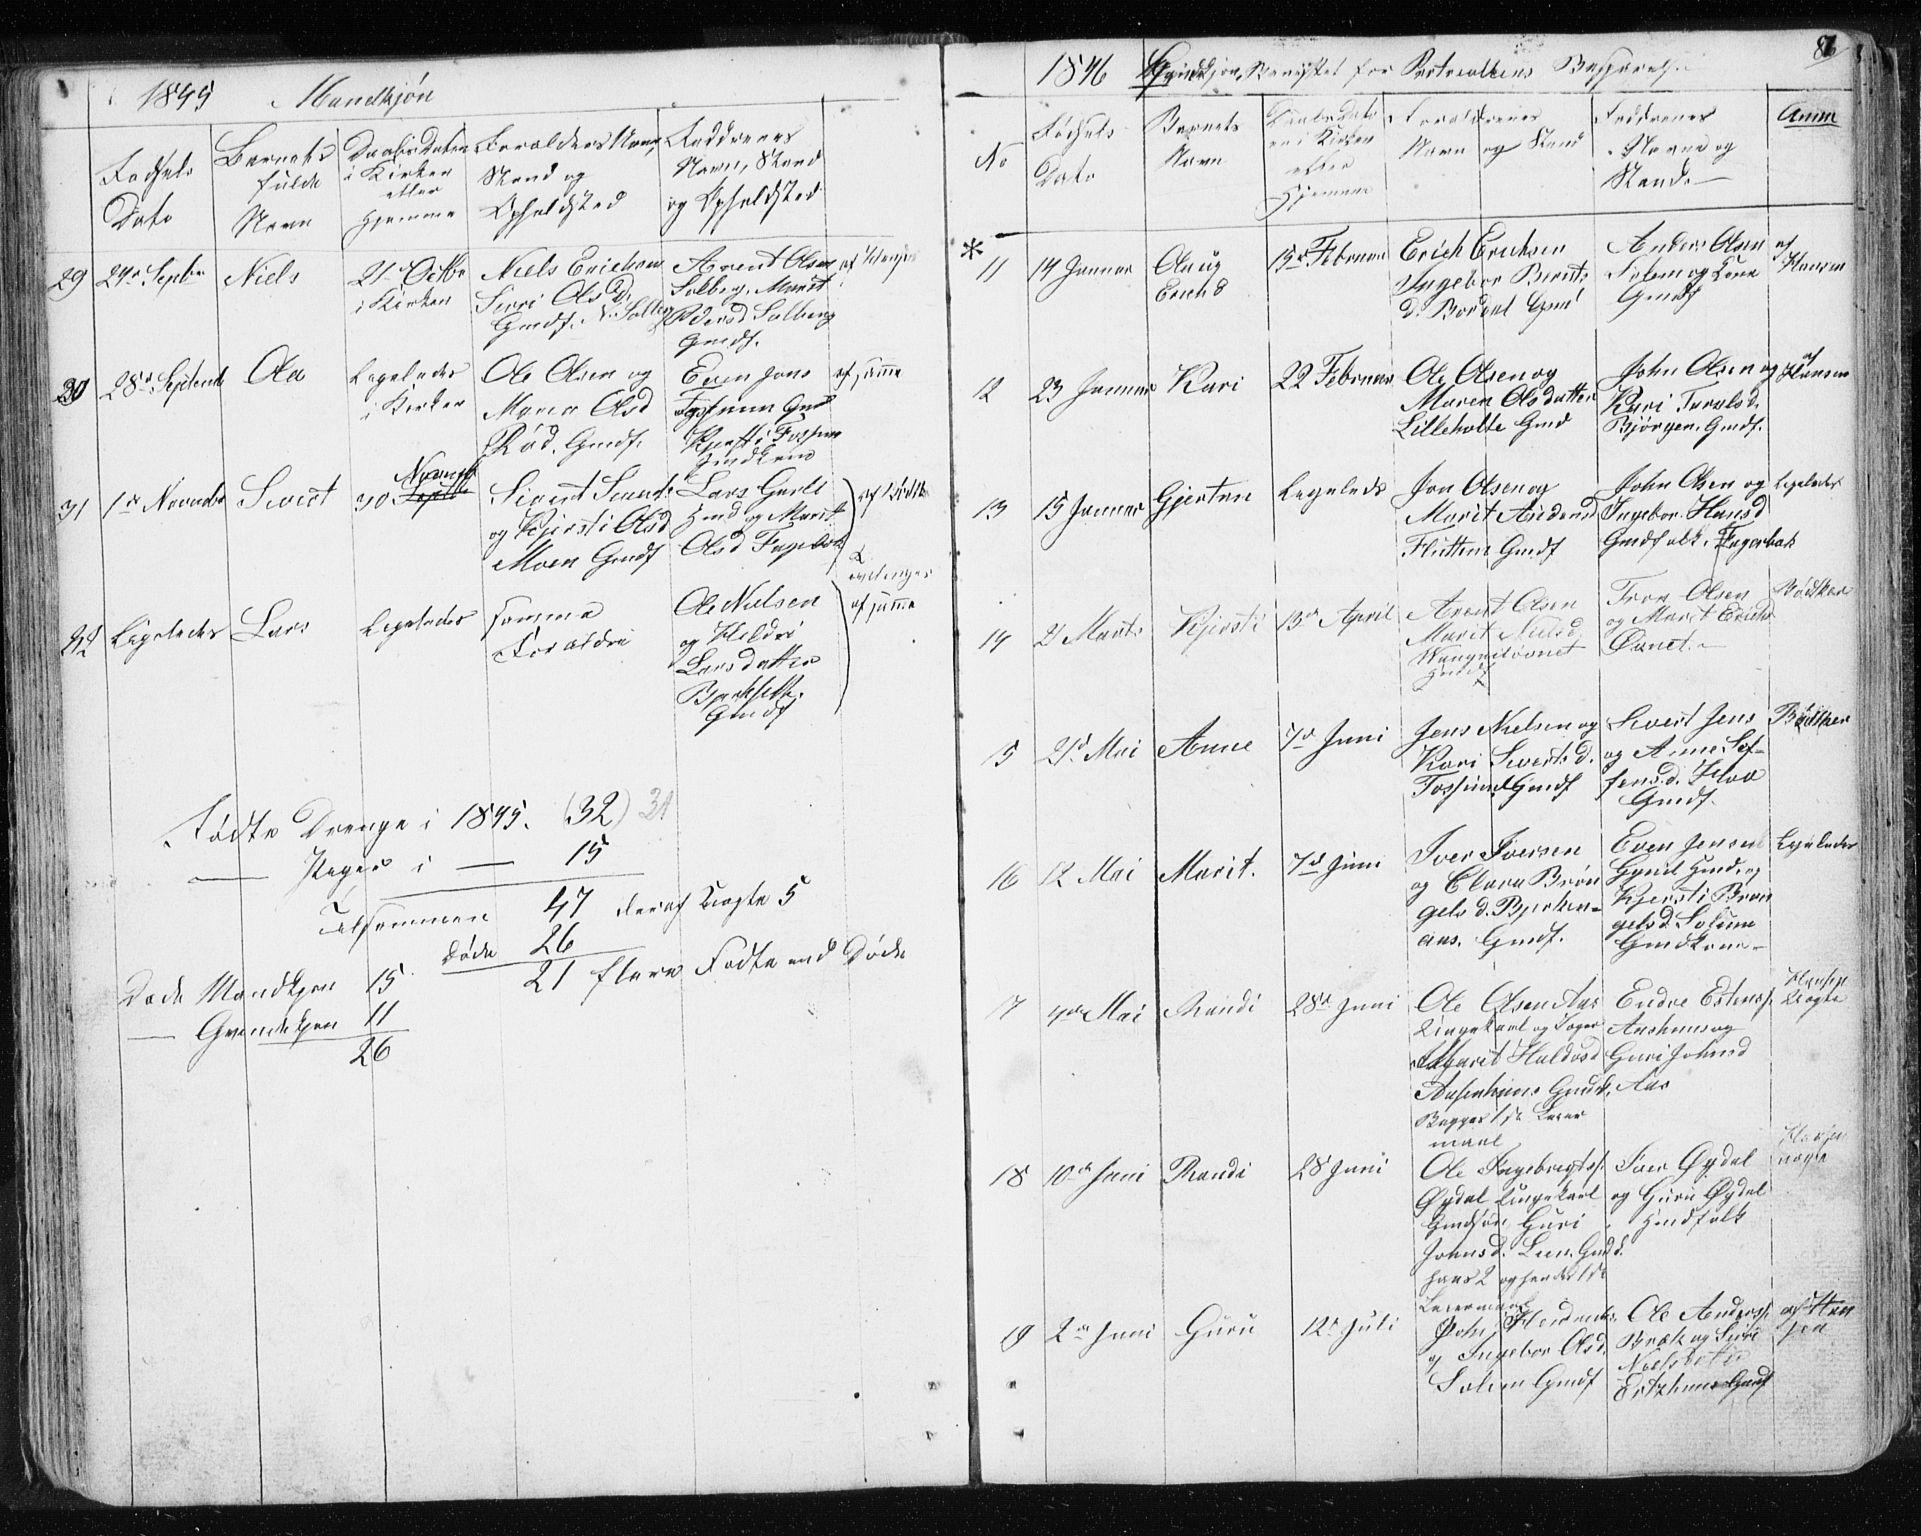 SAT, Ministerialprotokoller, klokkerbøker og fødselsregistre - Sør-Trøndelag, 689/L1043: Klokkerbok nr. 689C02, 1816-1892, s. 87